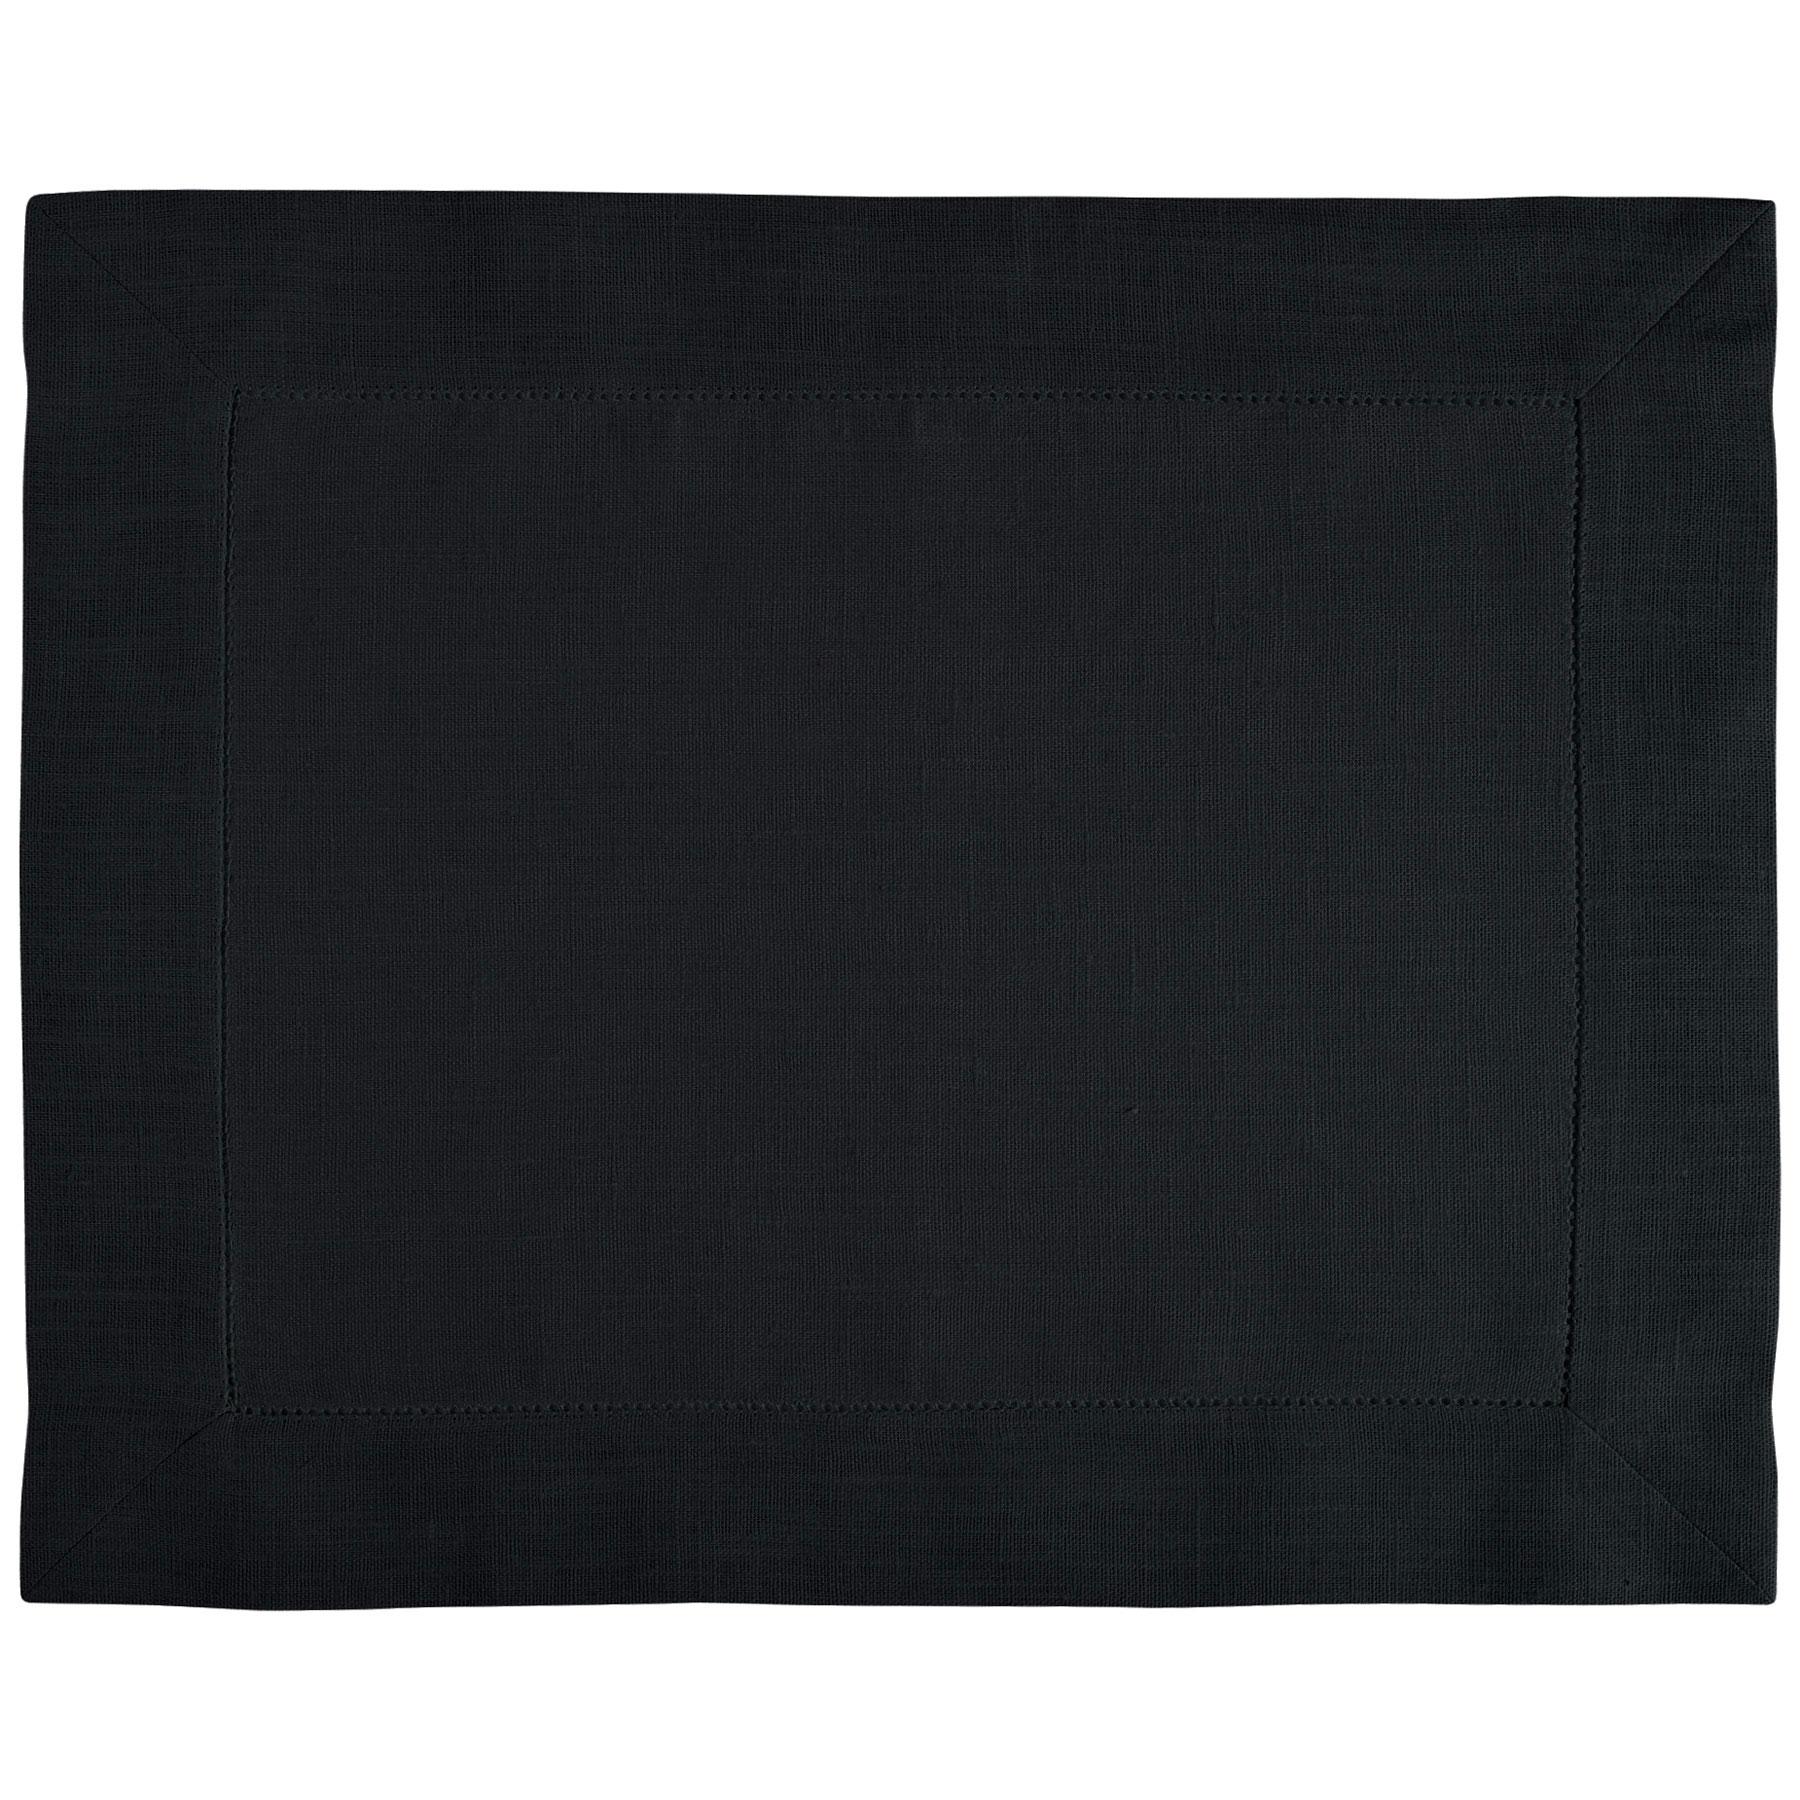 PLACEMAT <br />black